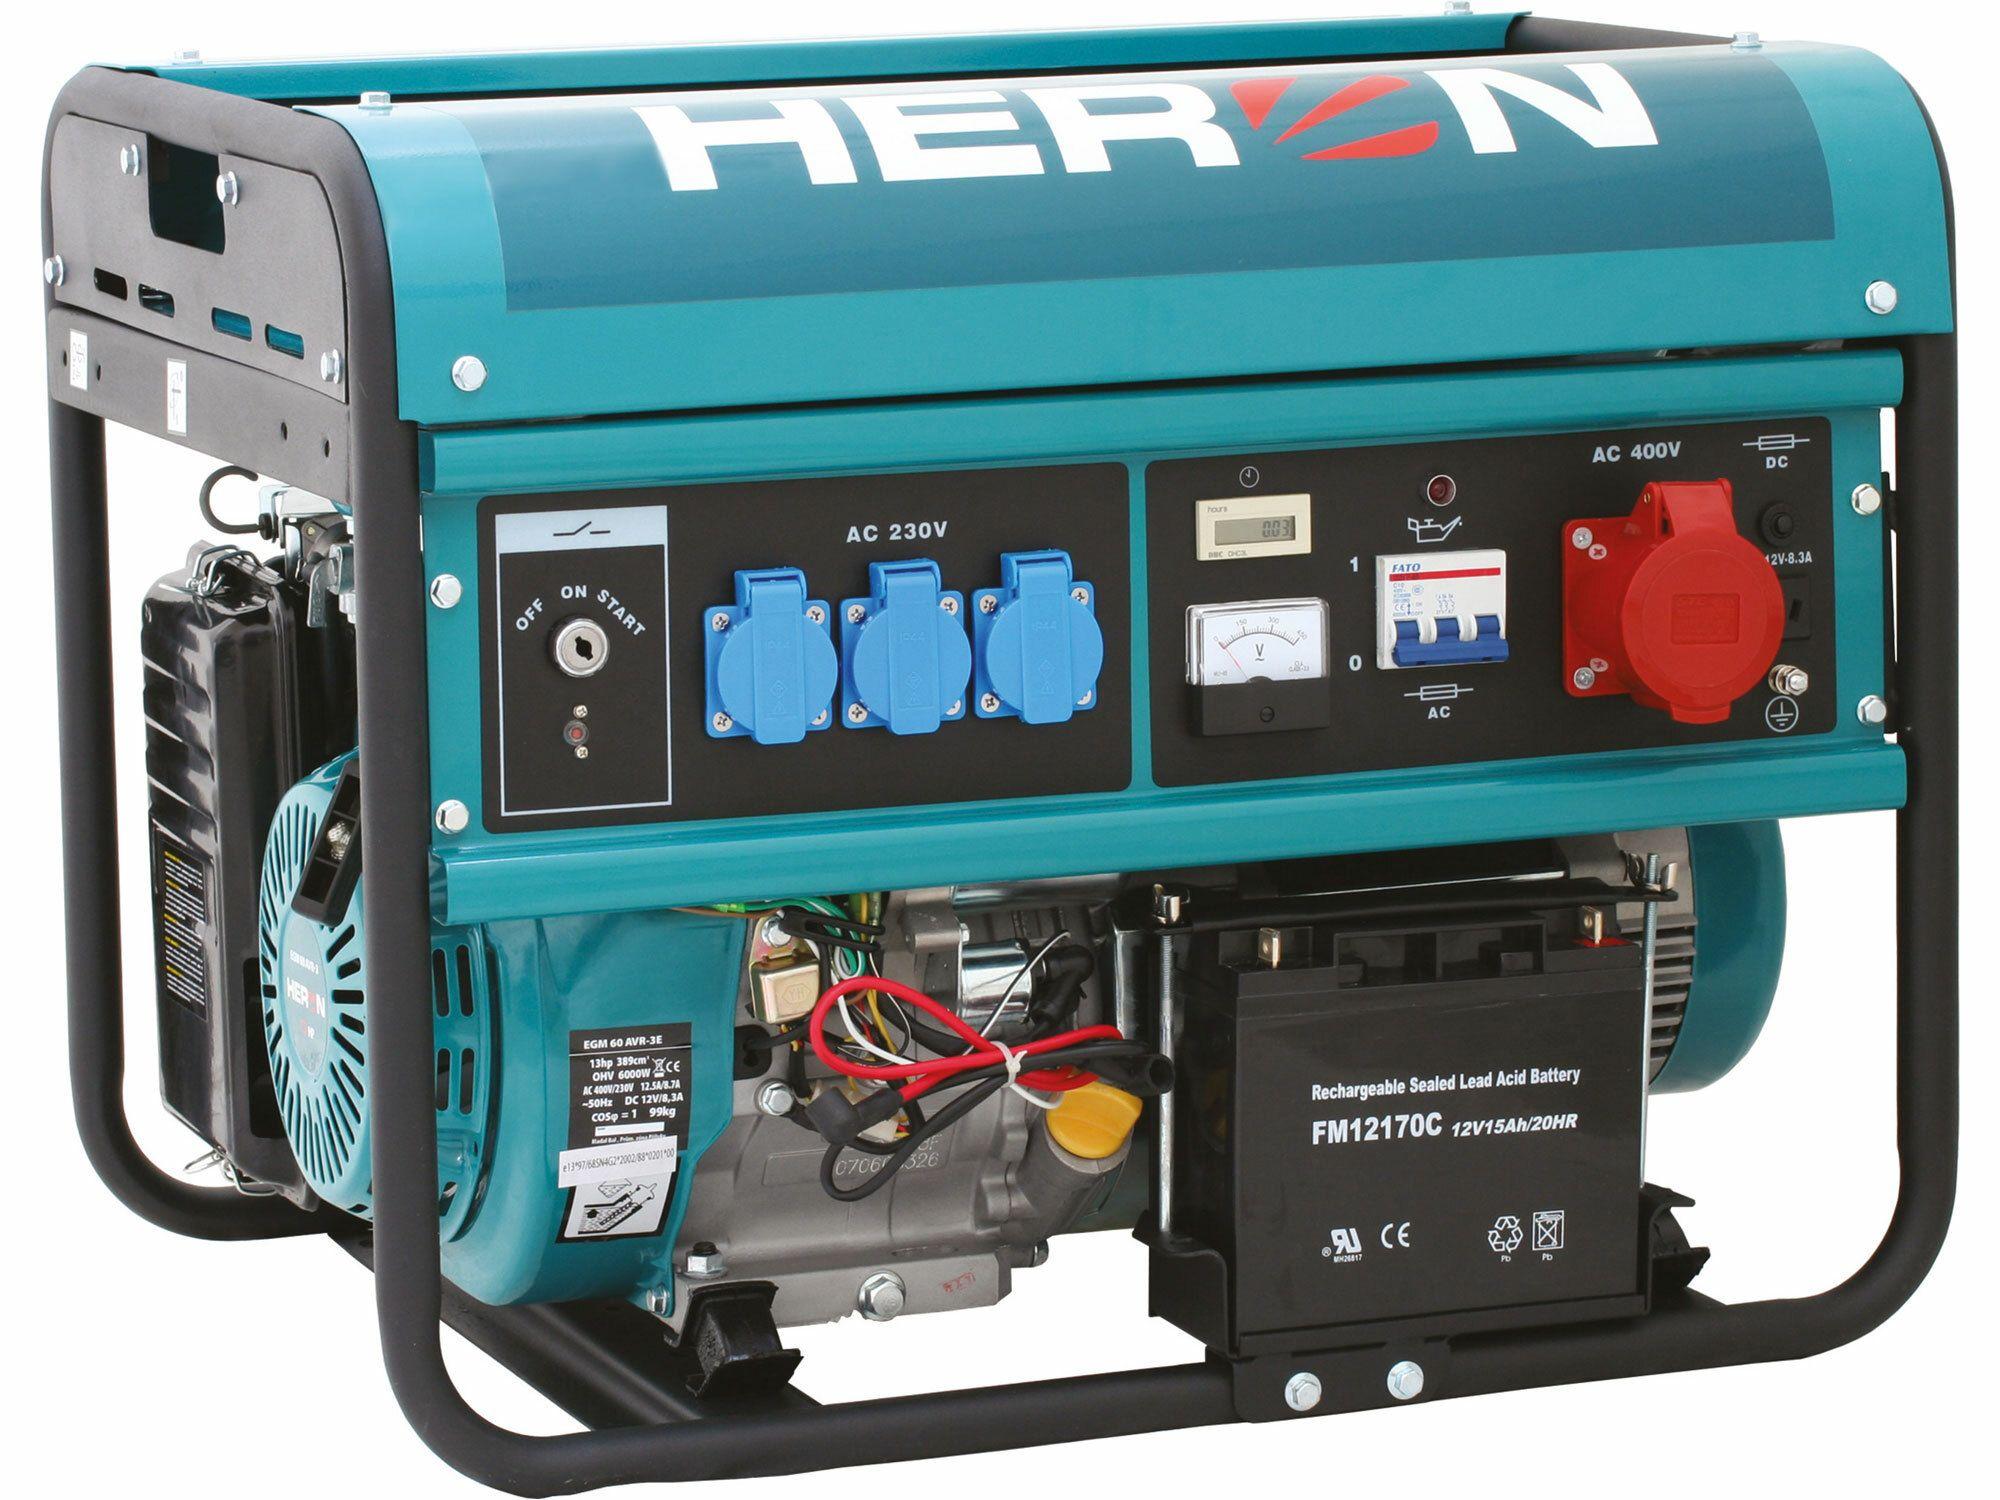 Elektrocentrála benzínová 13HP, elektr. štart, 6,0kW (400V)/2,2kW (230V), HERON, 8896114